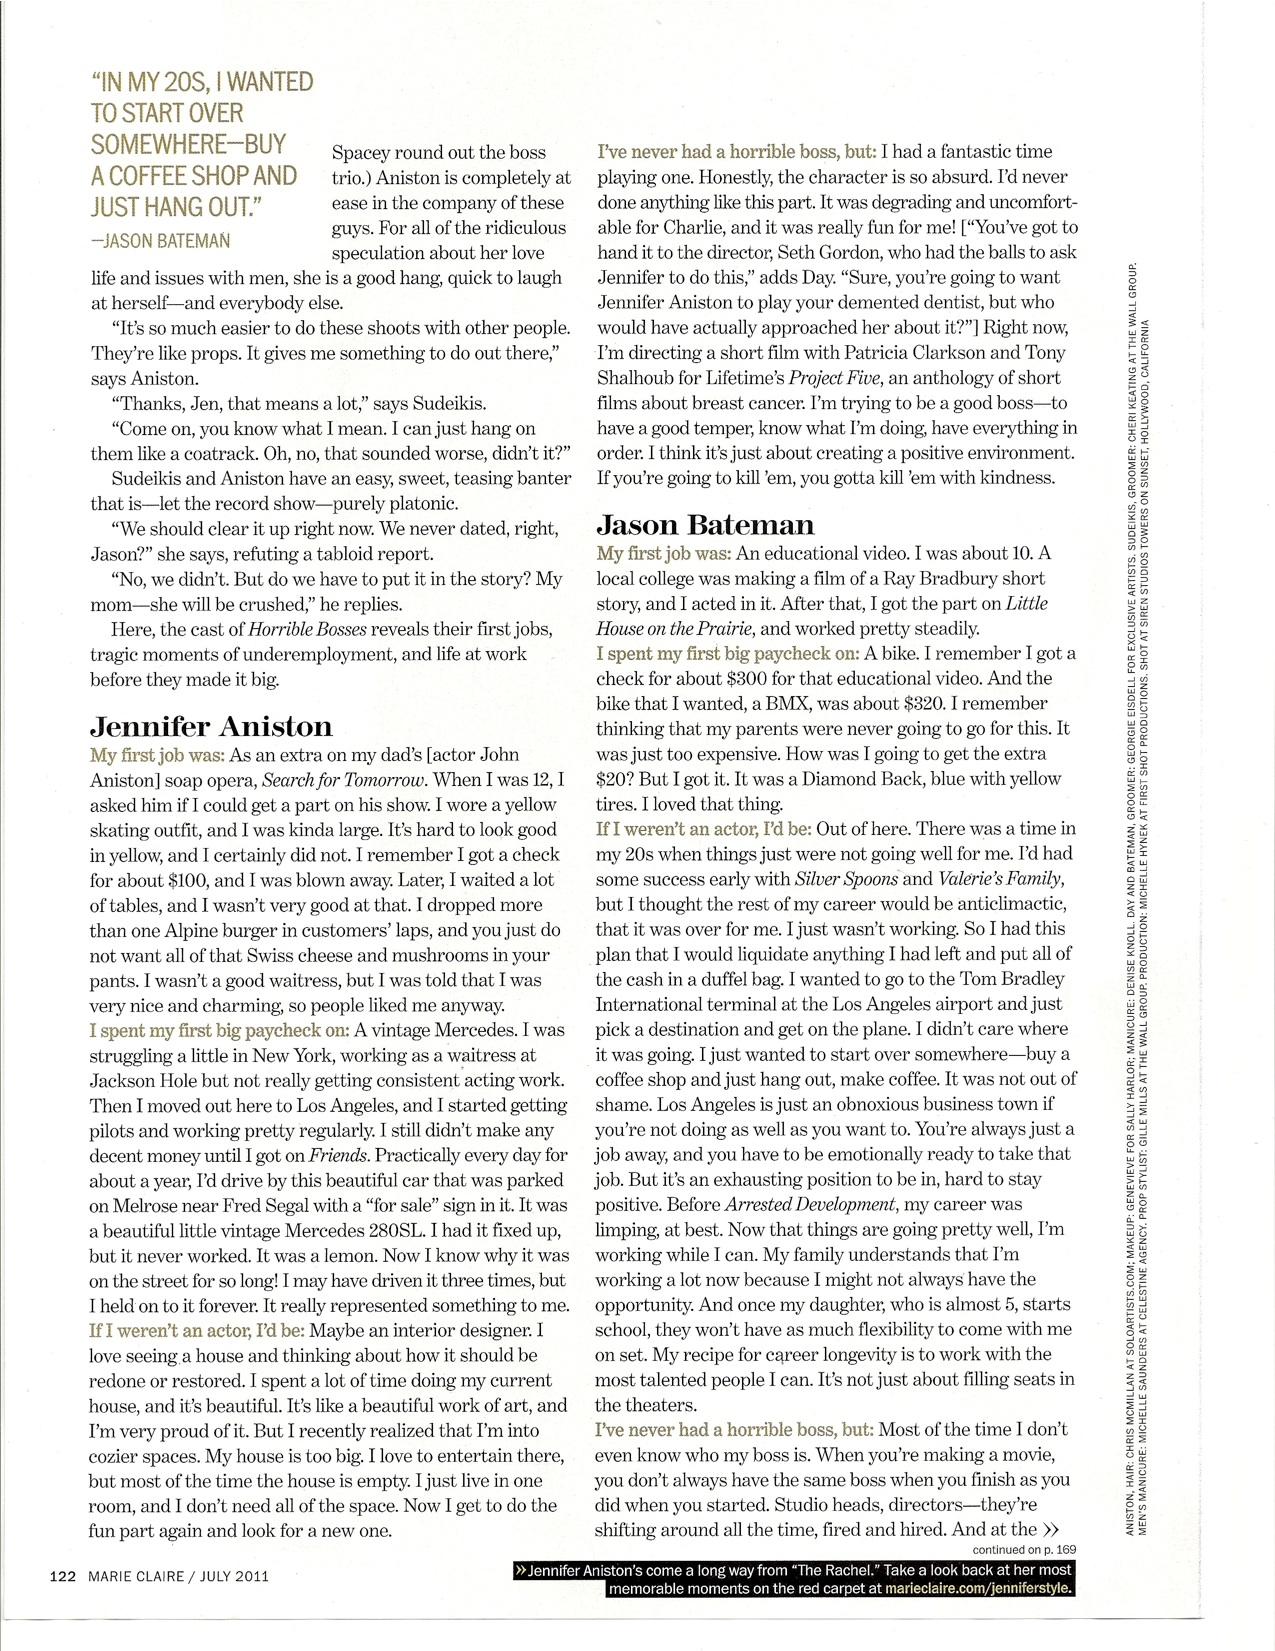 marieclaire.jenniferaniston.pg4